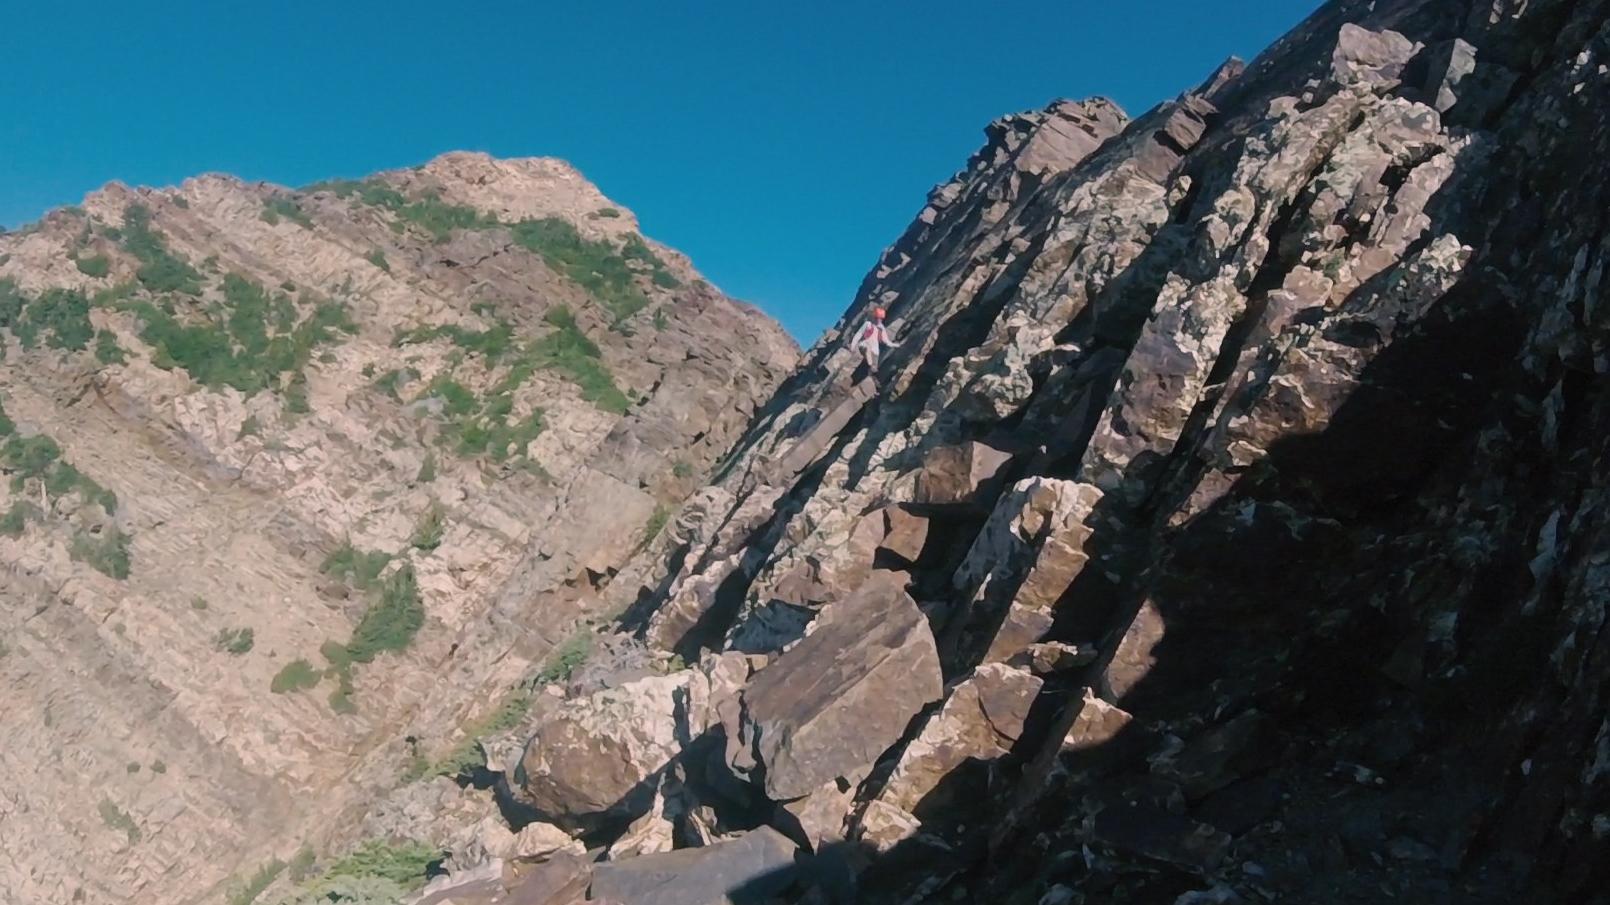 Descending Twin Peaks